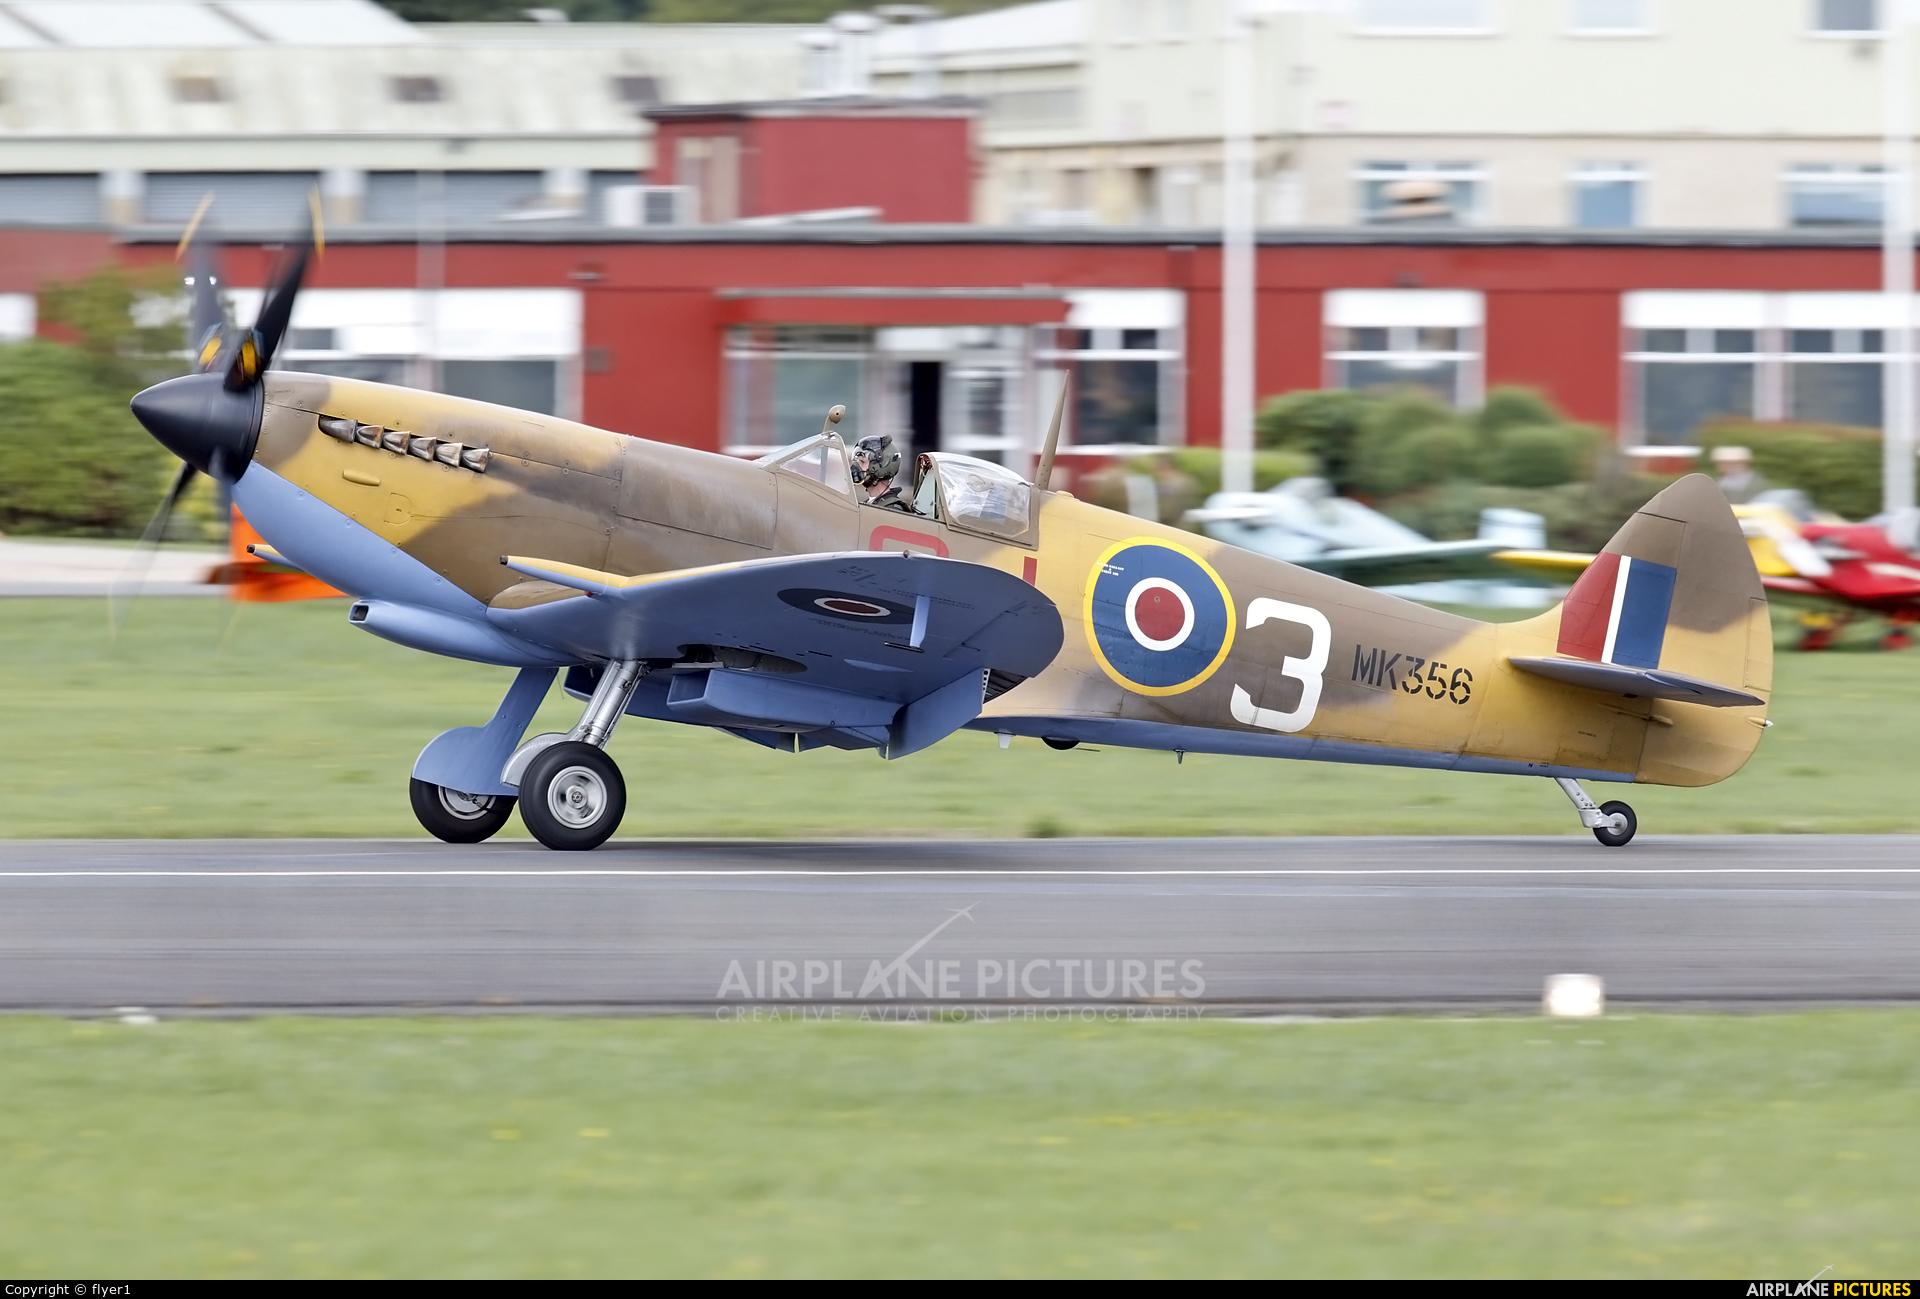 """Royal Air Force """"Battle of Britain Memorial Flight&quot MK356 aircraft at Dunsfold"""